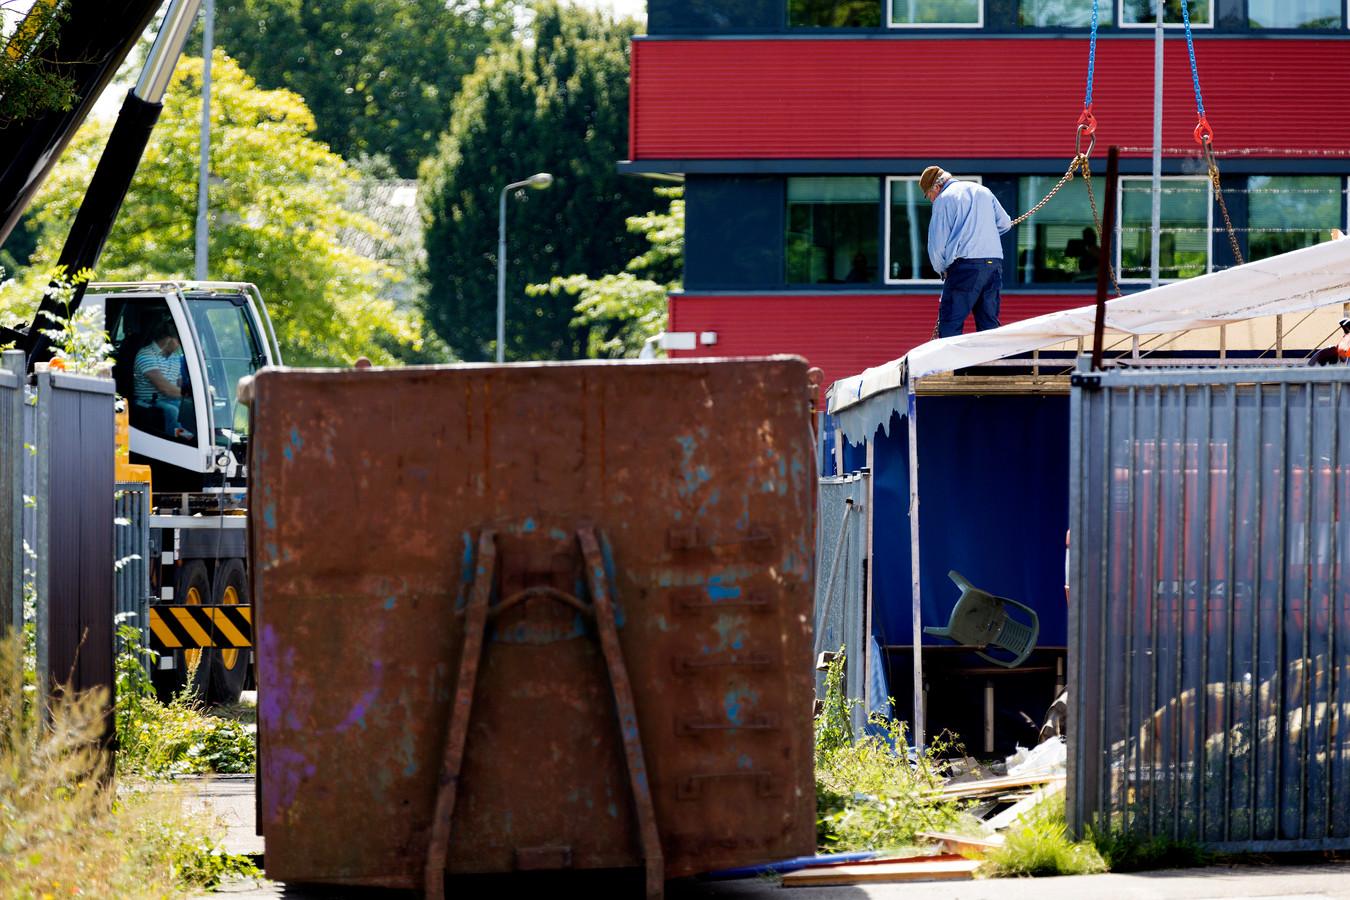 De ontruiming van het supportershome van FC Den Bosch in 2017.